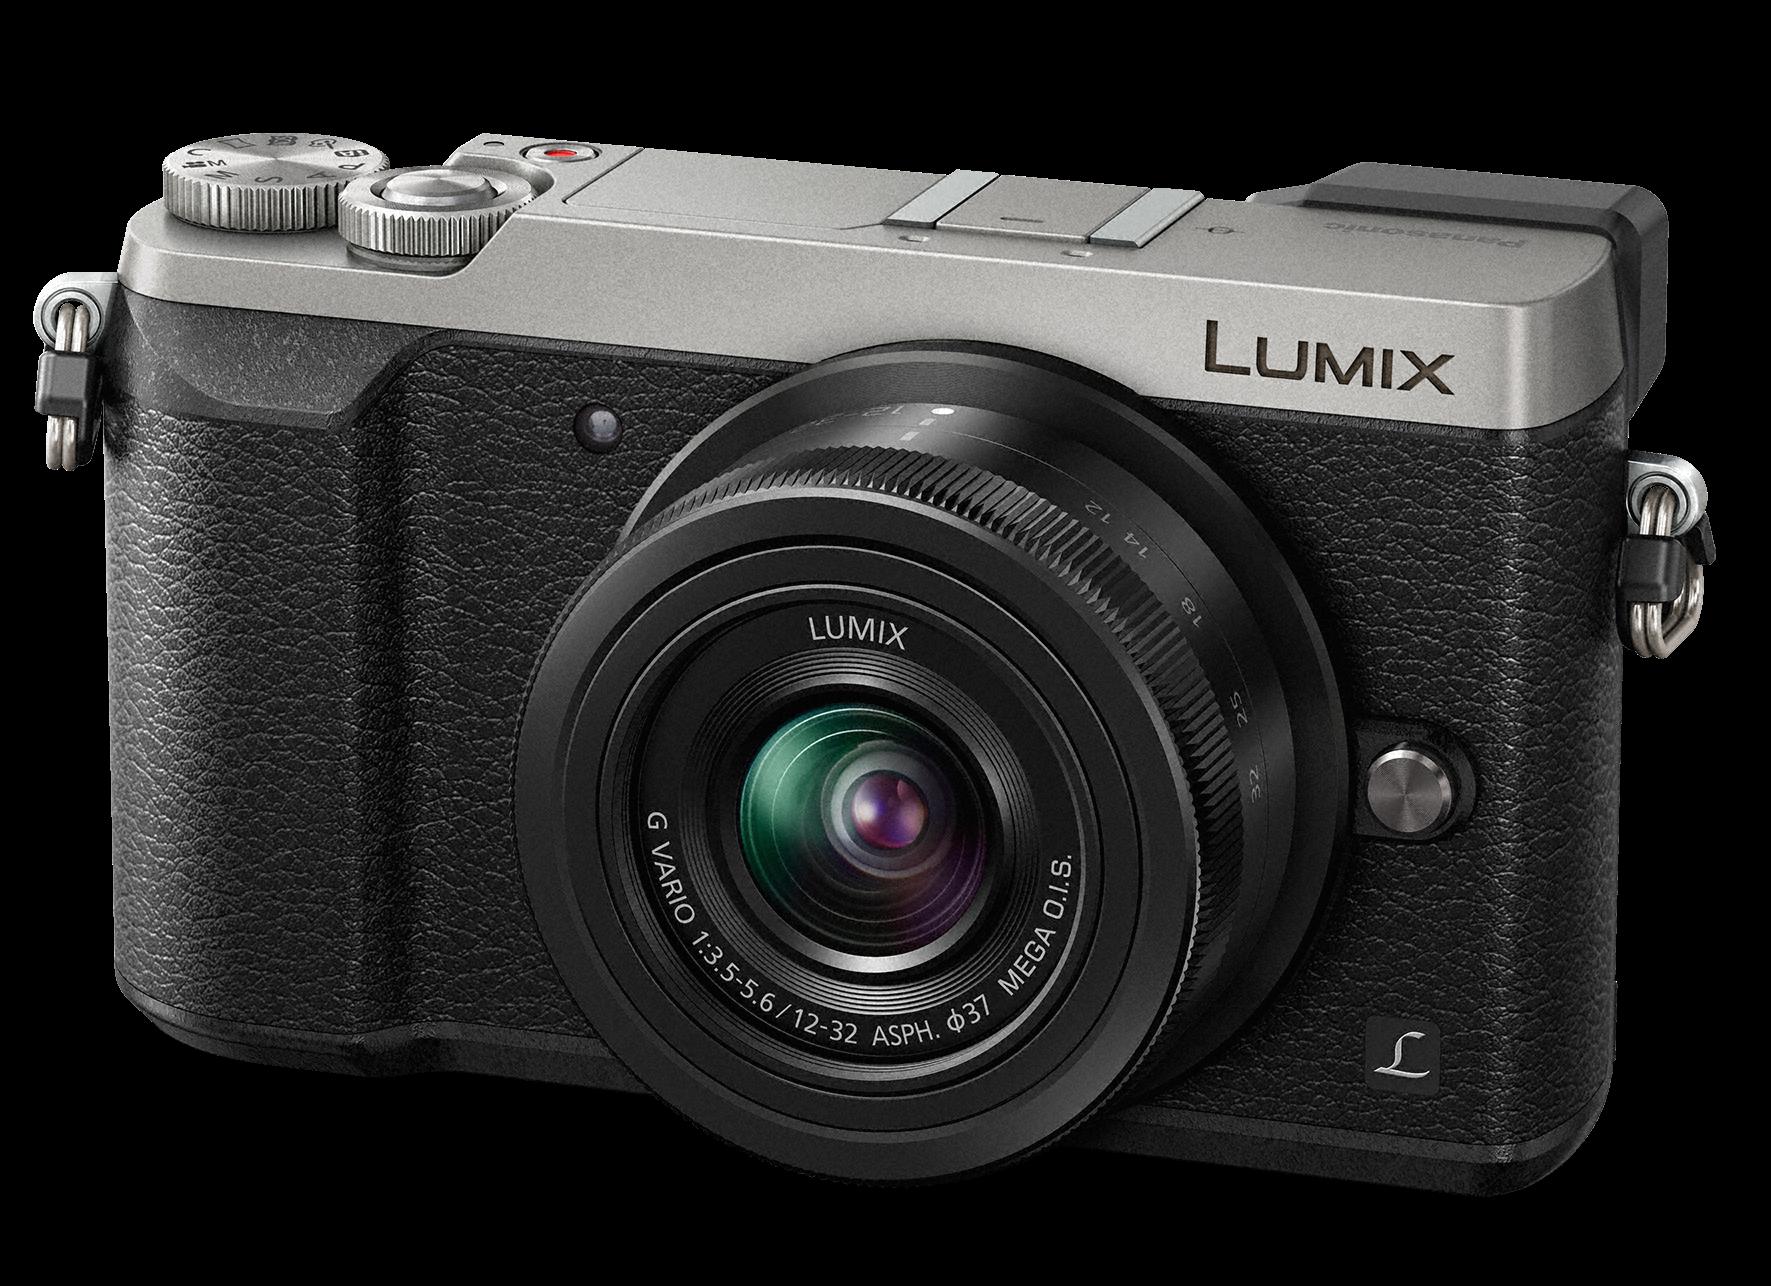 PANASONIC Lumix DMC-GX80 + 12-32mm stříbrný + SDHC16GB + získejte zpět 1000Kč